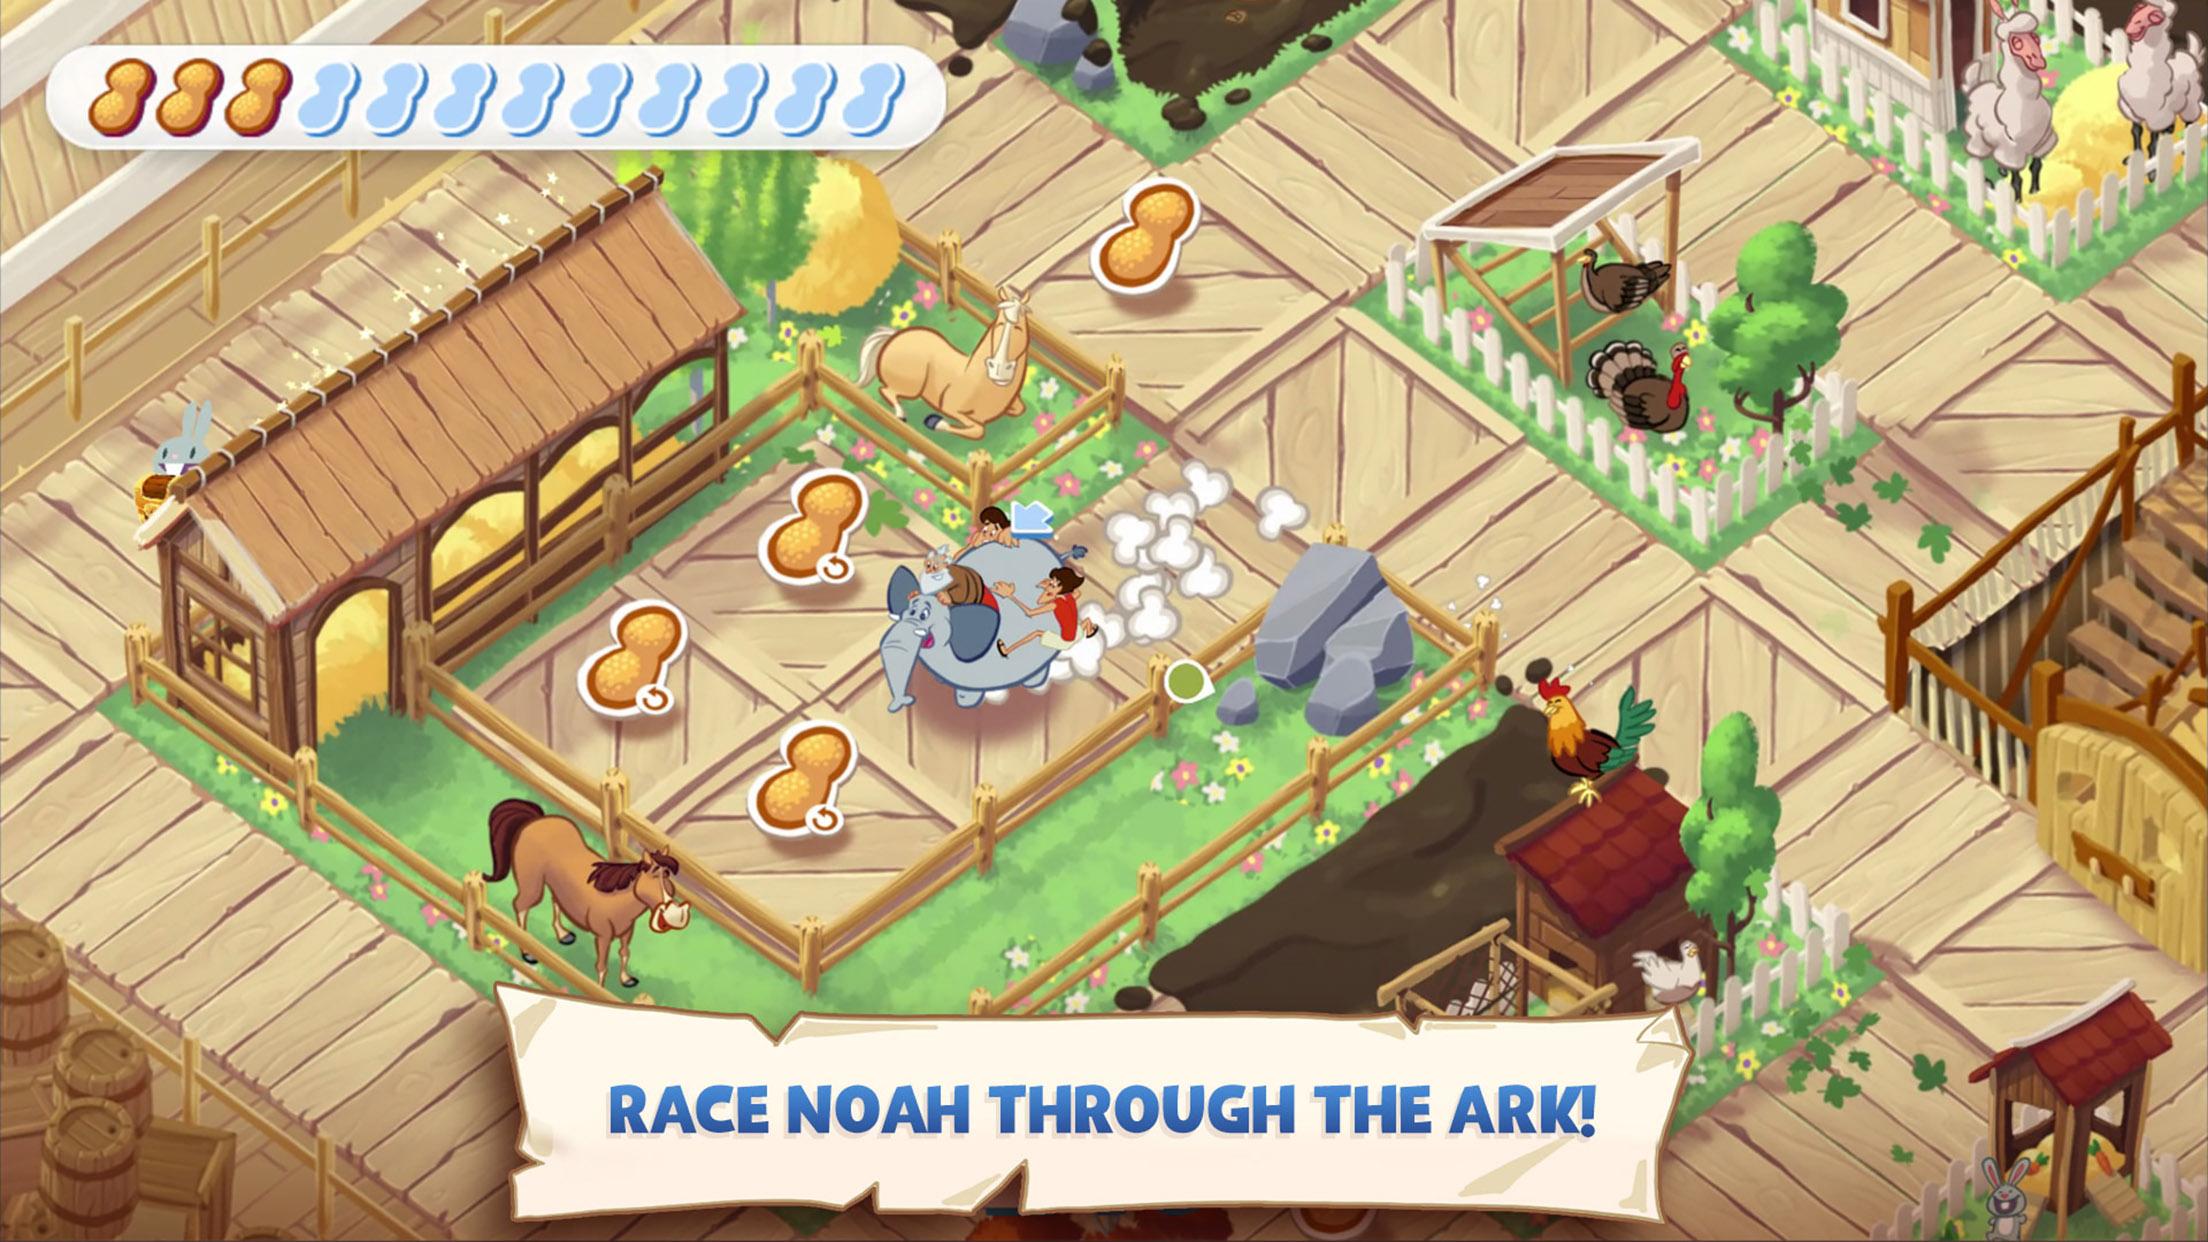 1-RaceNoahThroughTheArk.jpg